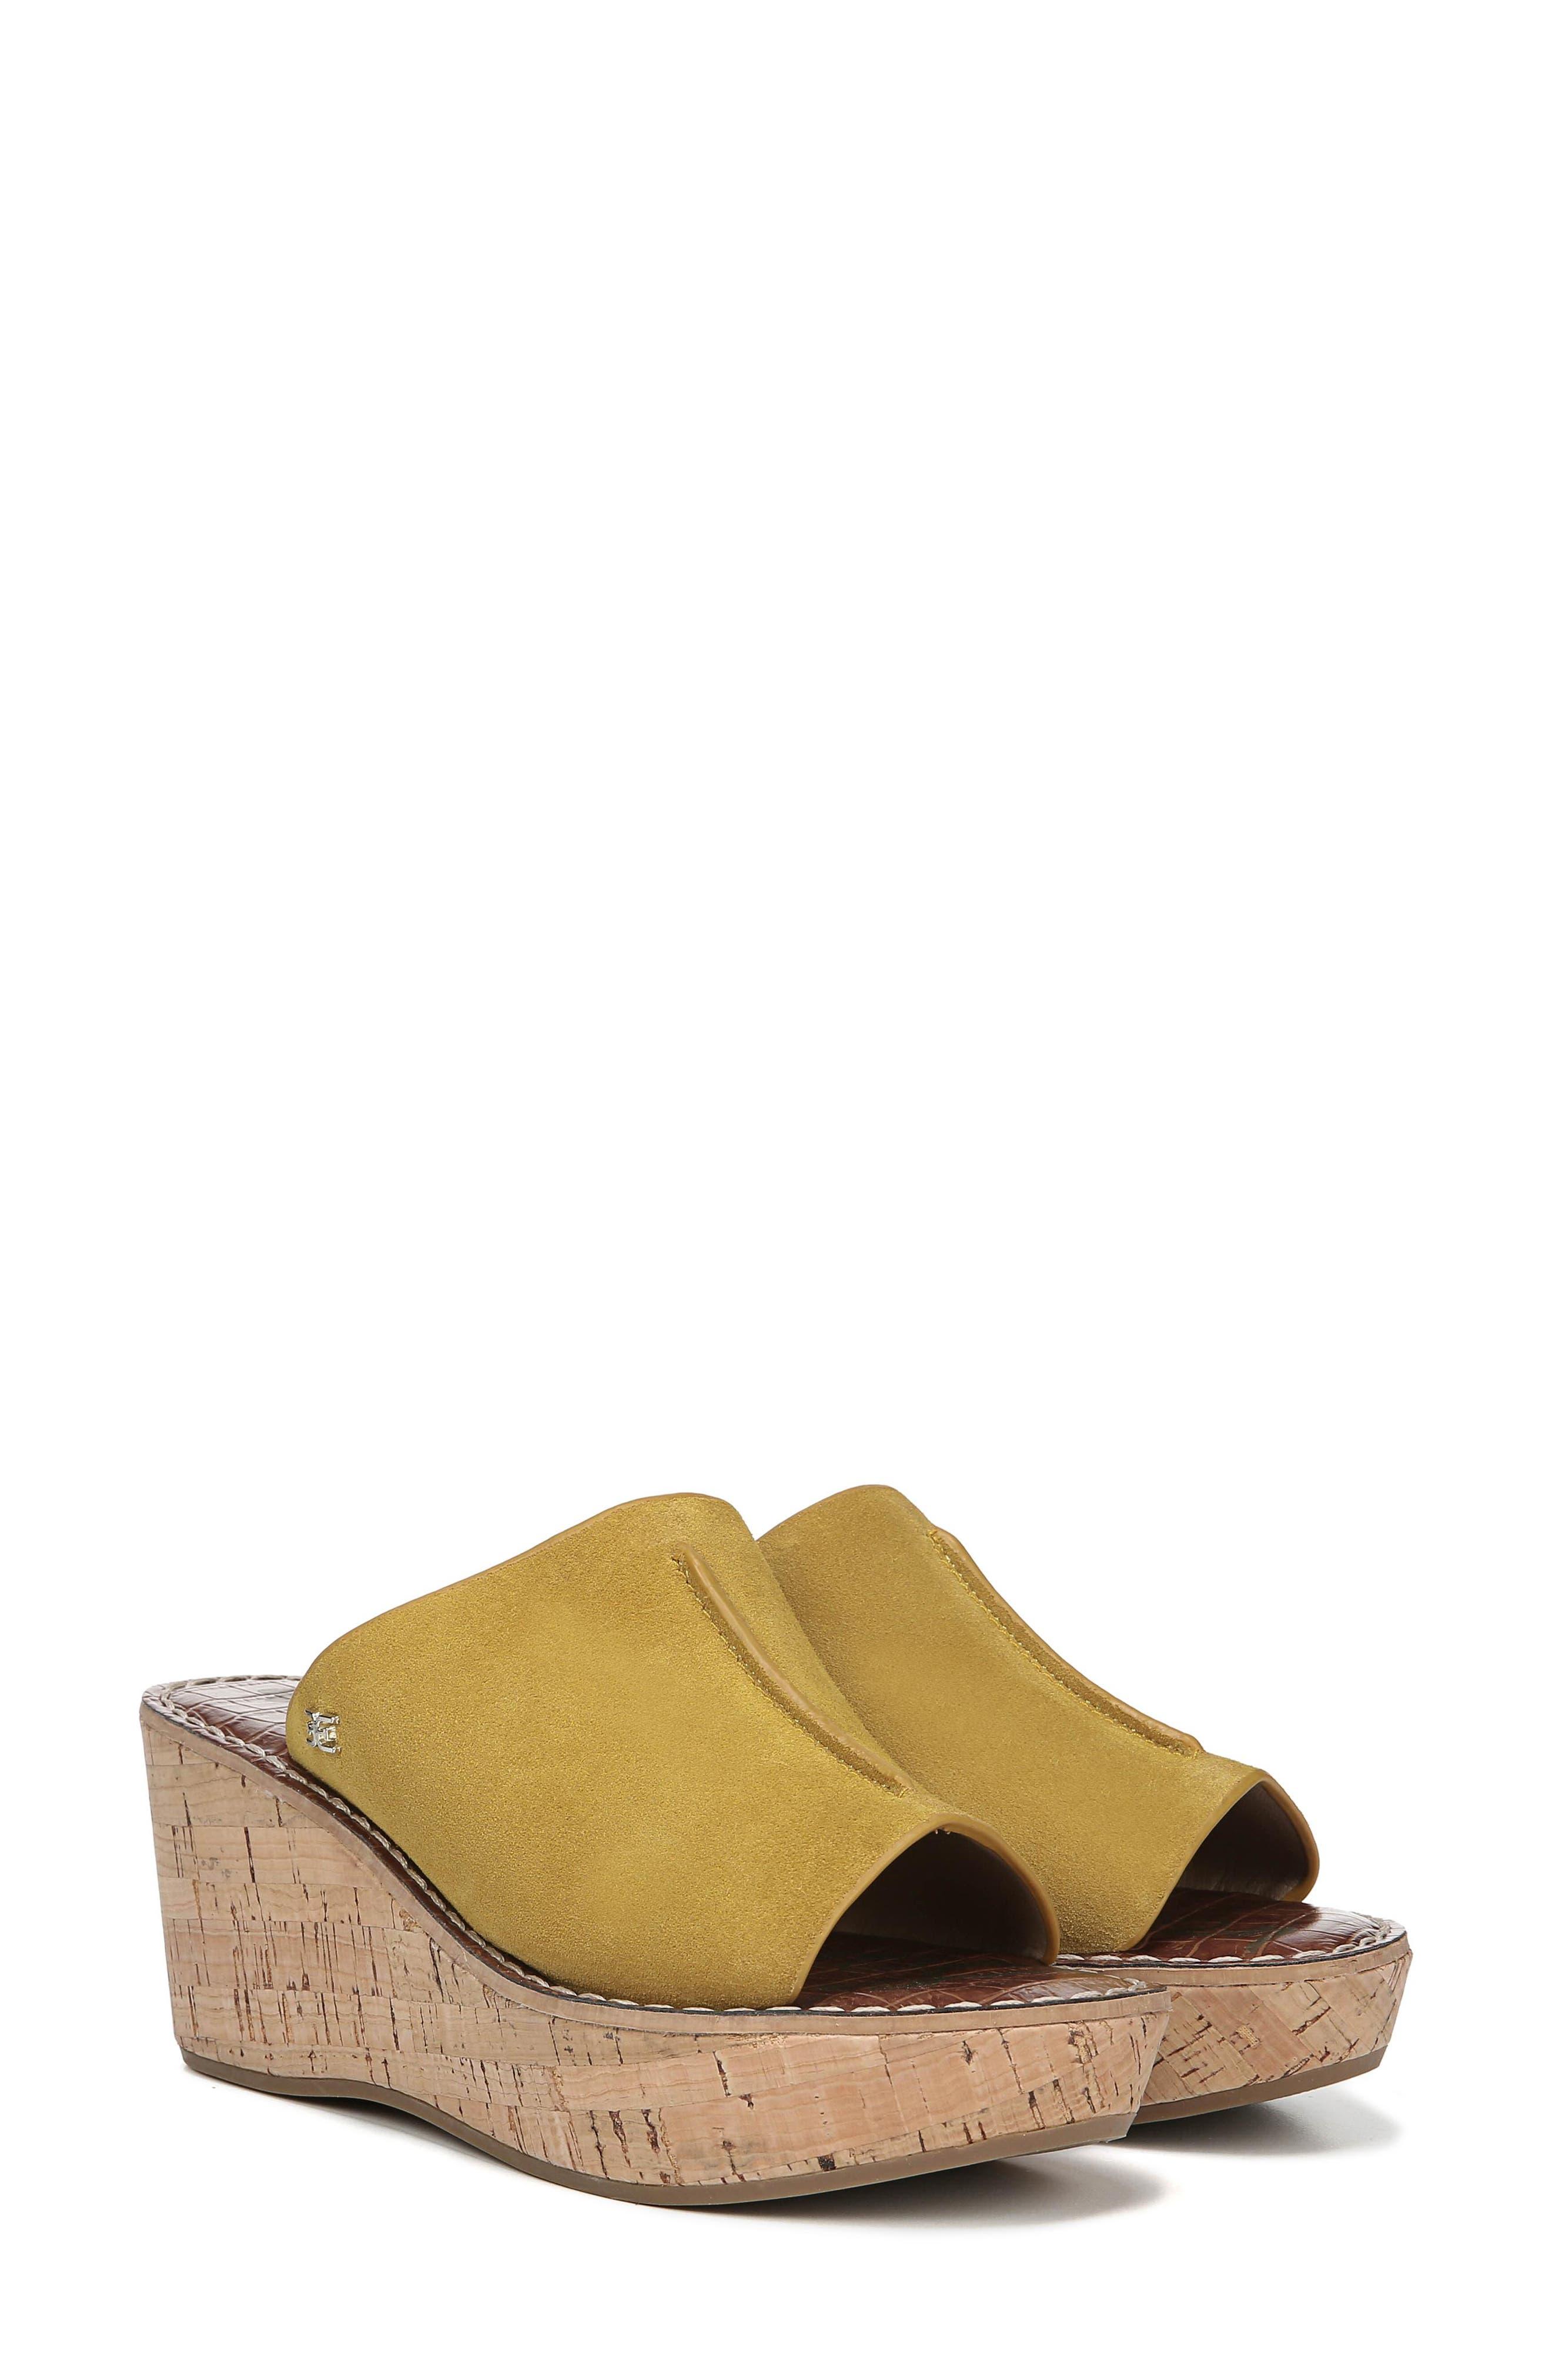 Ranger Platform Sandal,                             Alternate thumbnail 63, color,